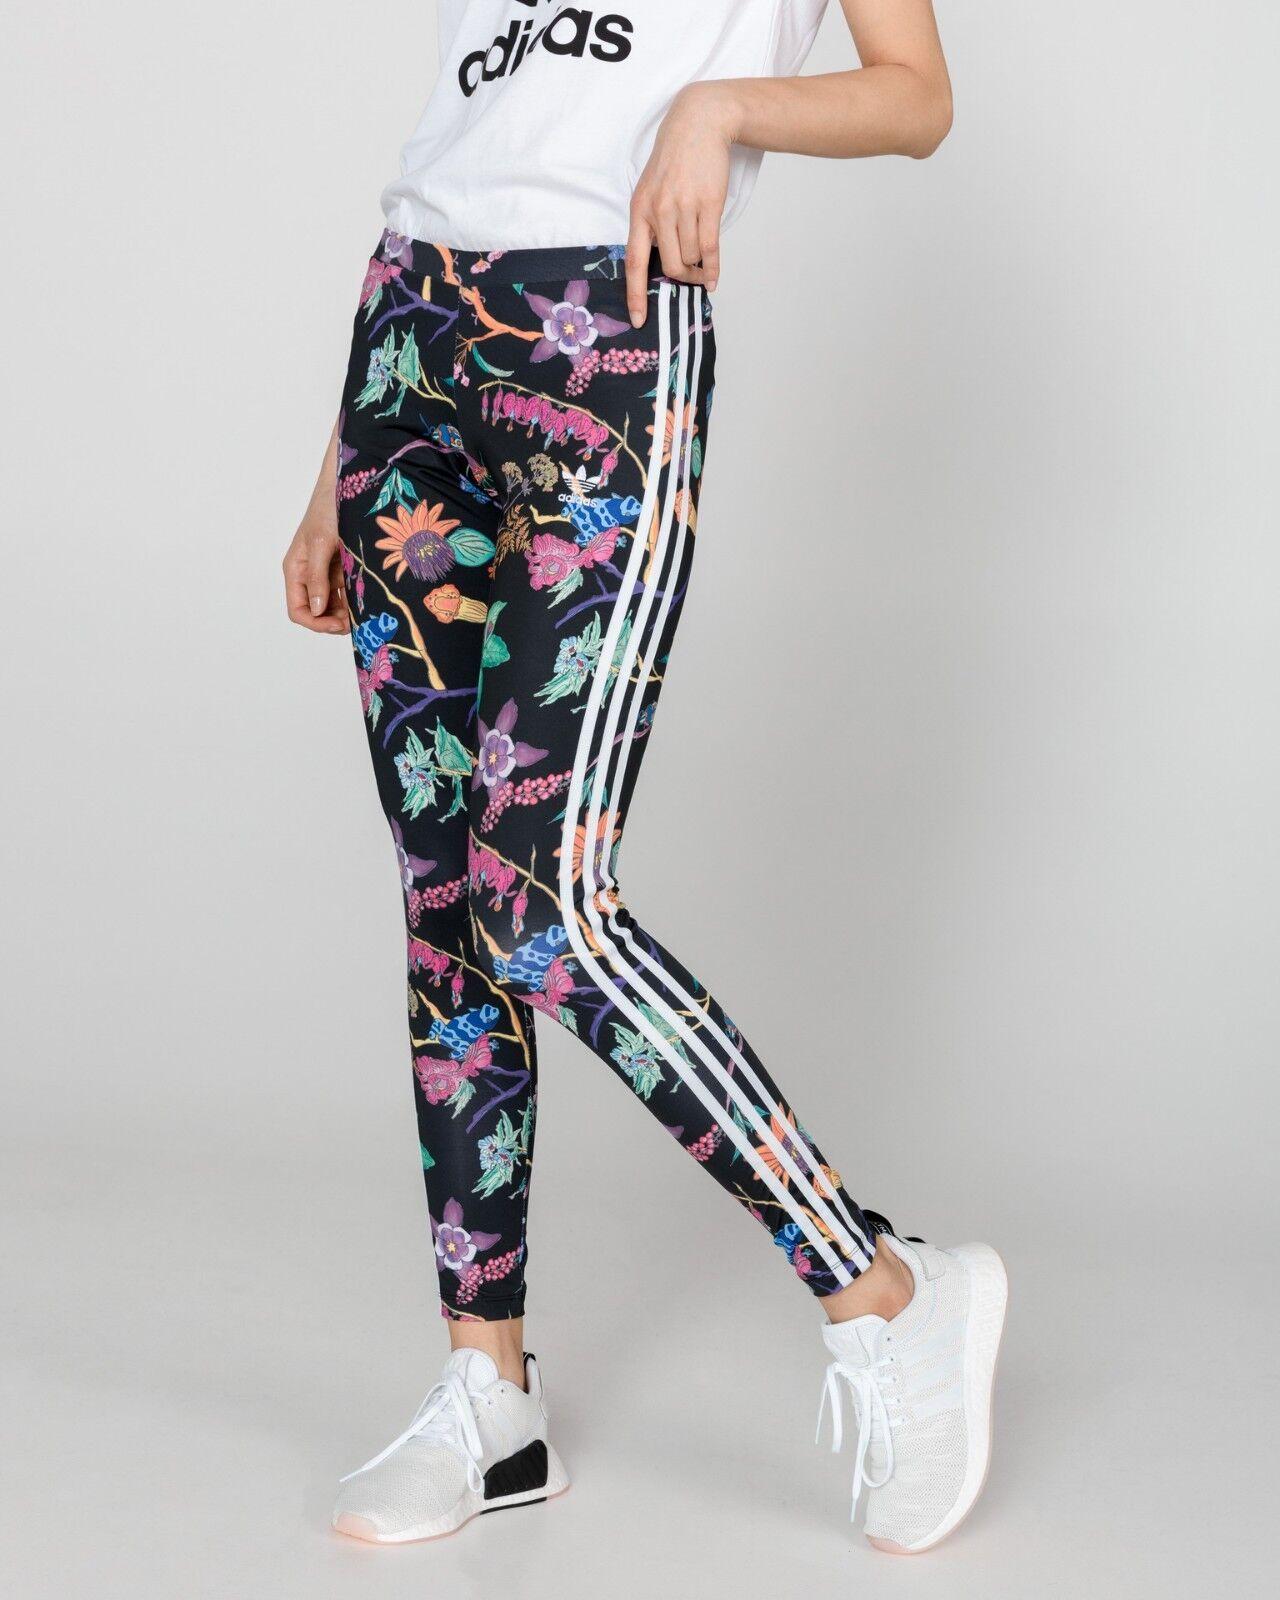 Adidas Originals 3 Stripes Floral Multi Nero Leggings Size UK6,10,12,14  New766